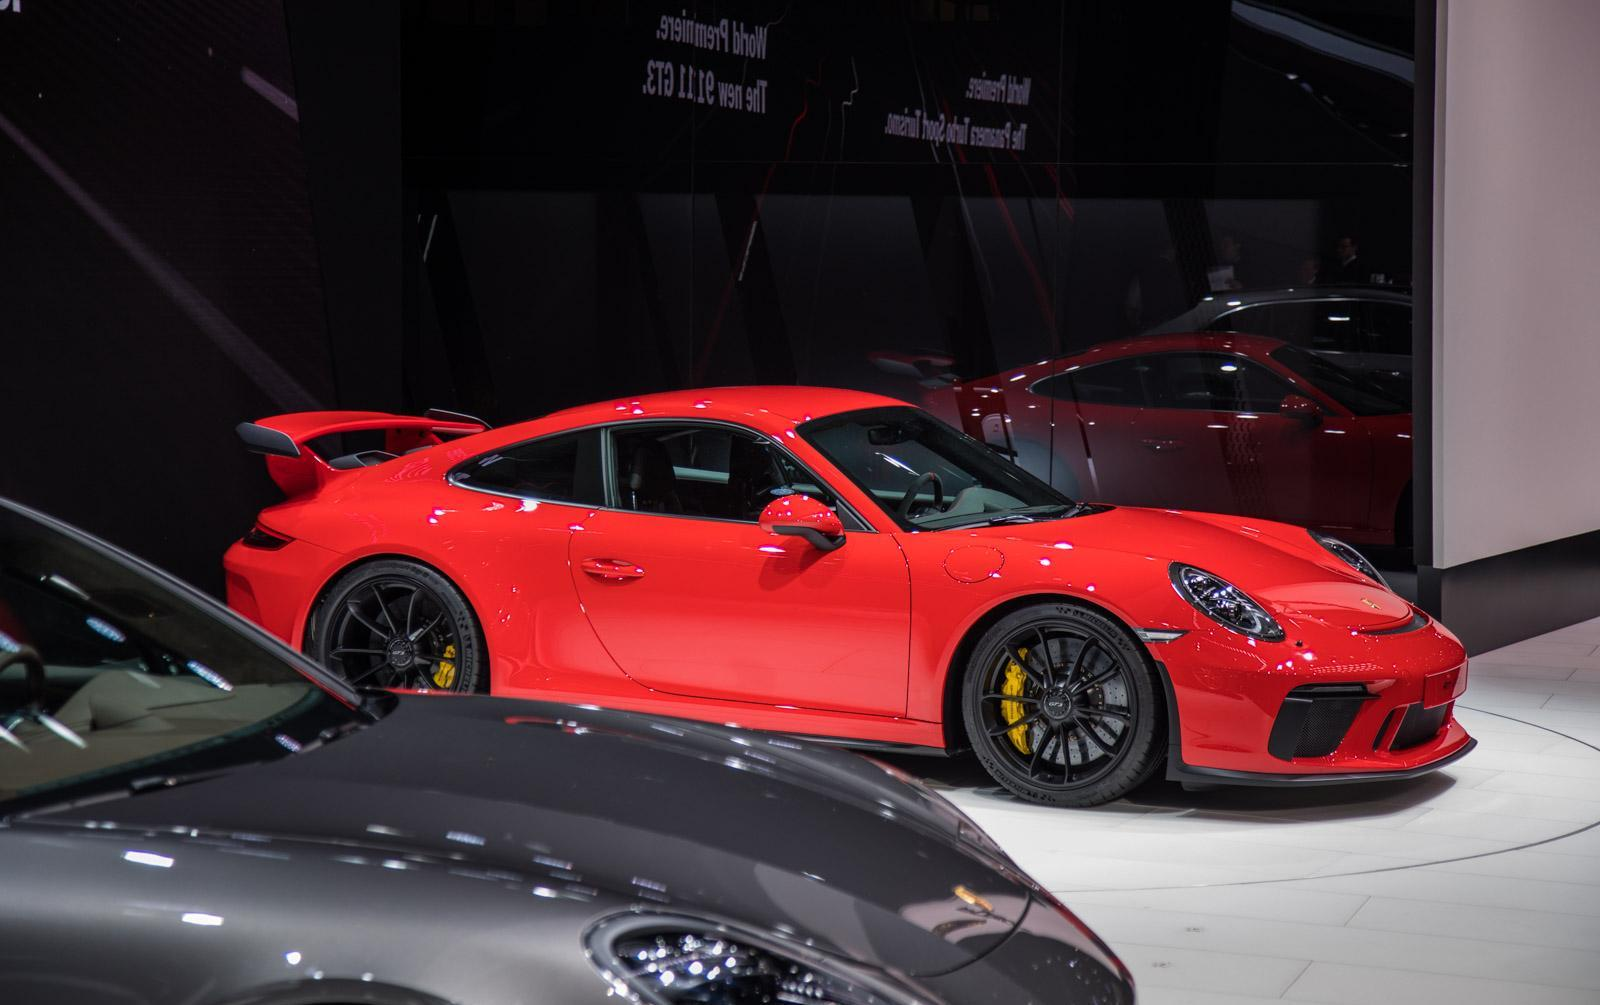 Porsche-911-gt3-facelift-010